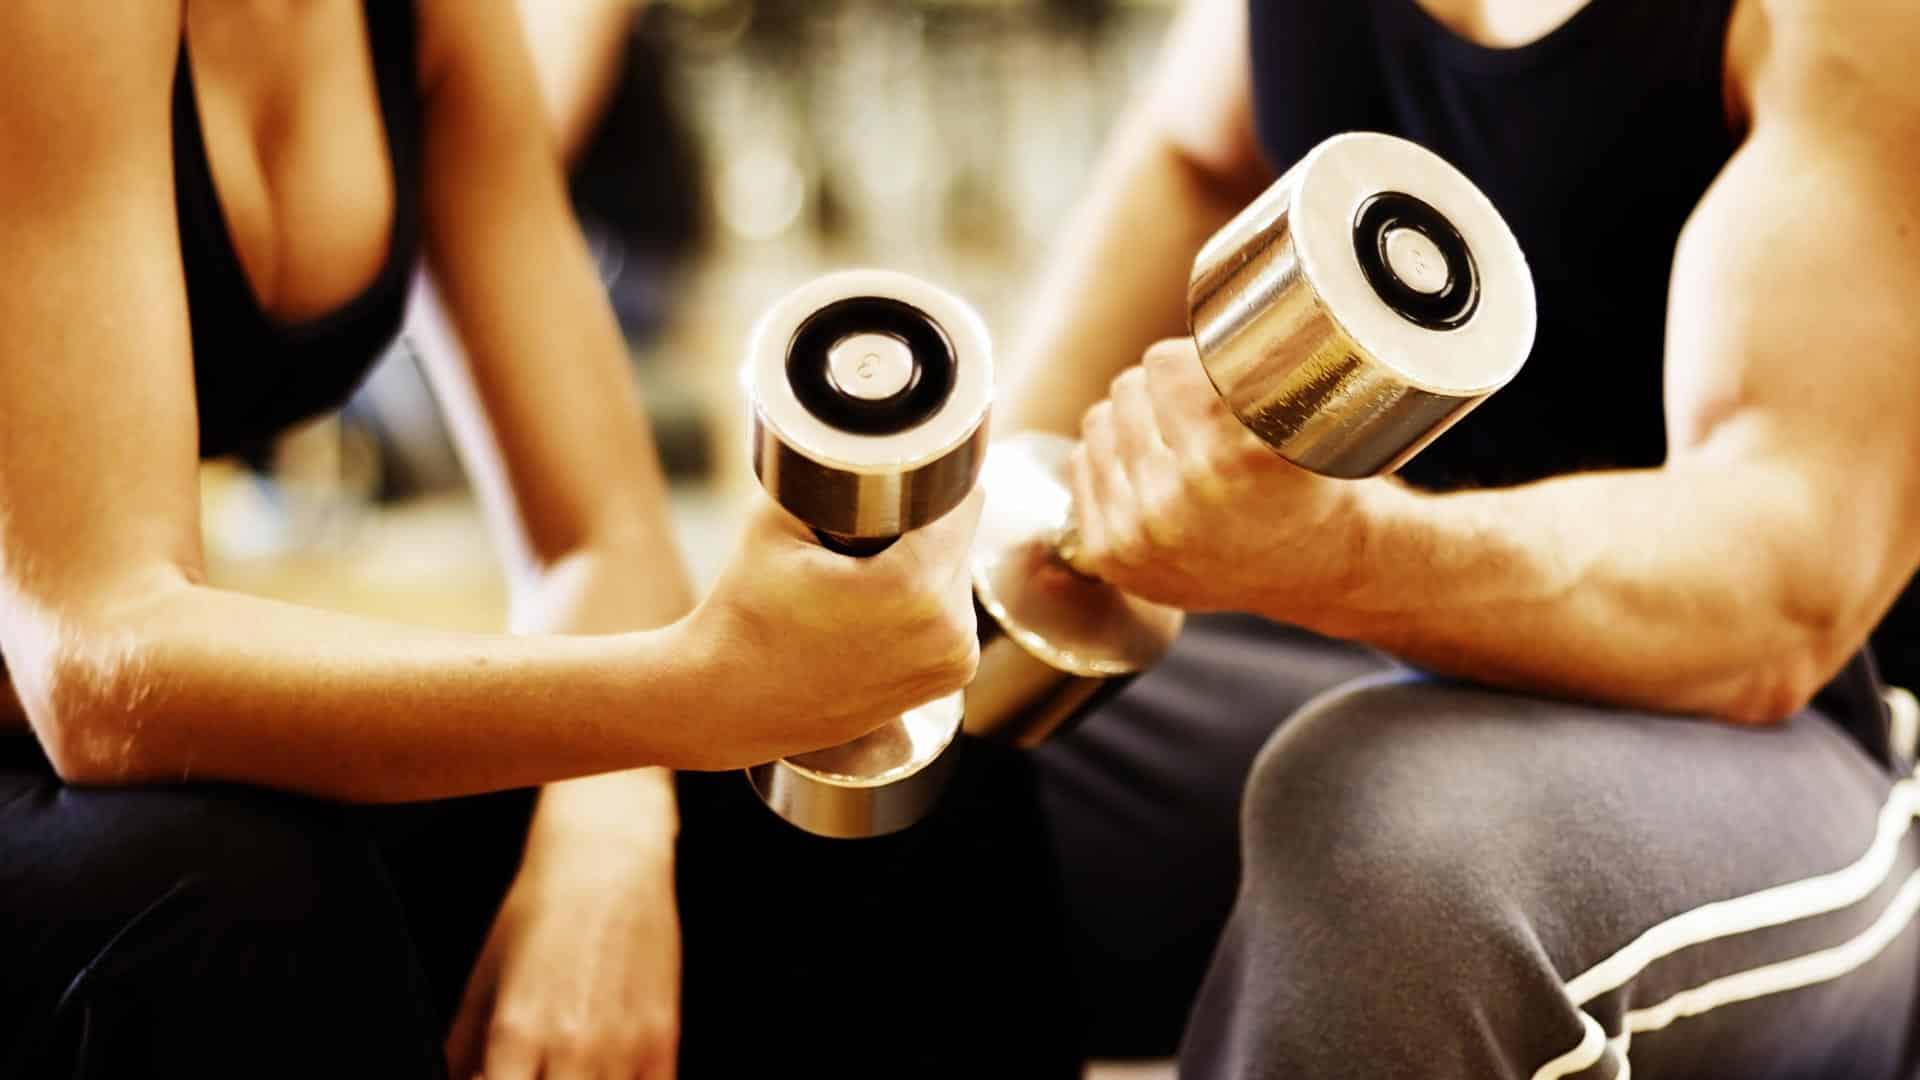 Acelere seu metabolismo: 8 dicas para perder peso facilmente